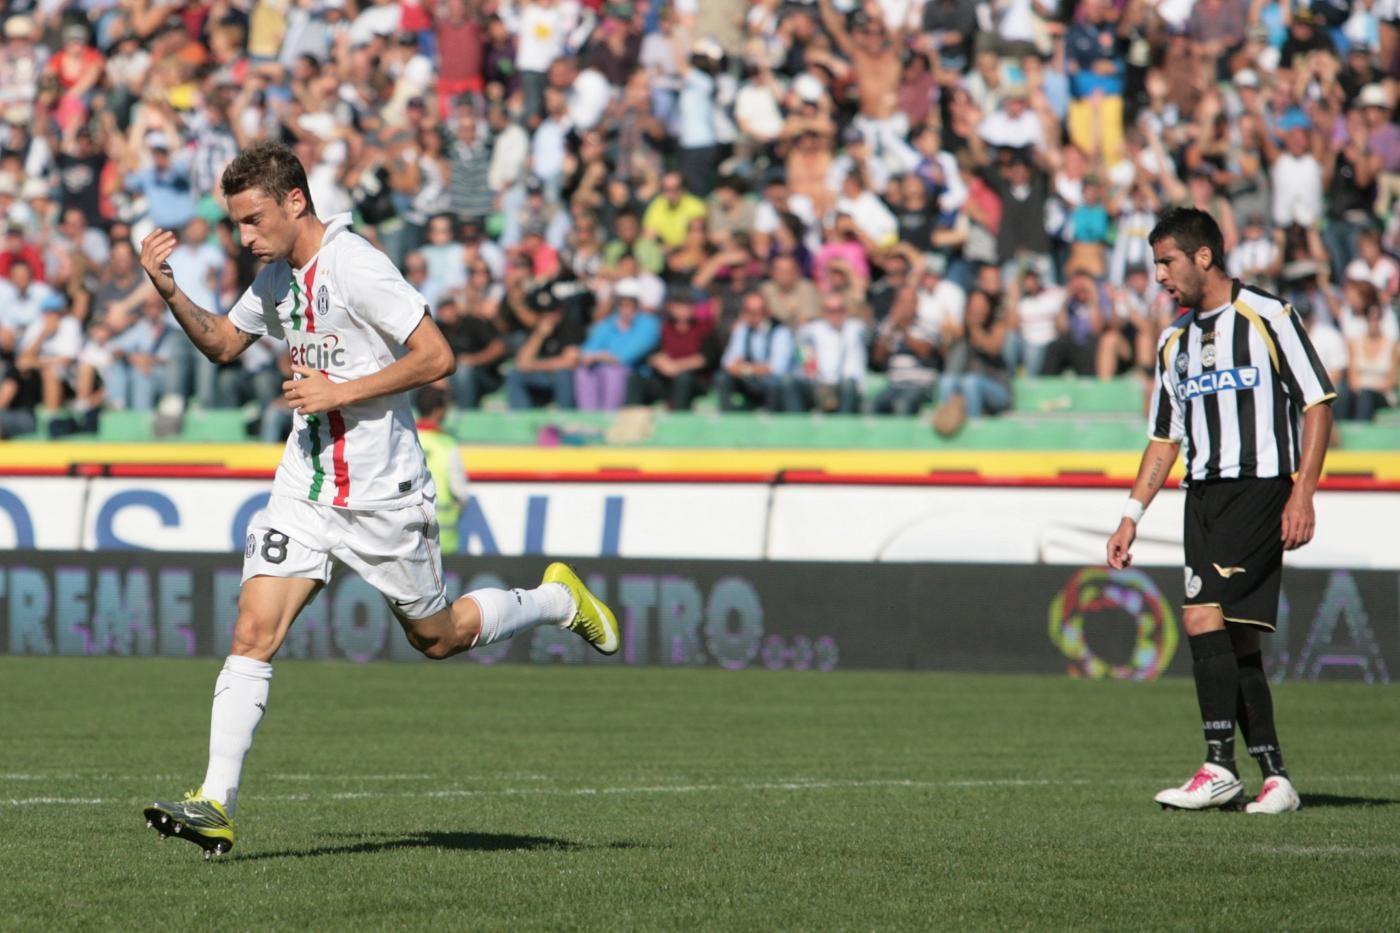 19/09/2010 - Serie A TIM - Udinese-Juventus 0-4